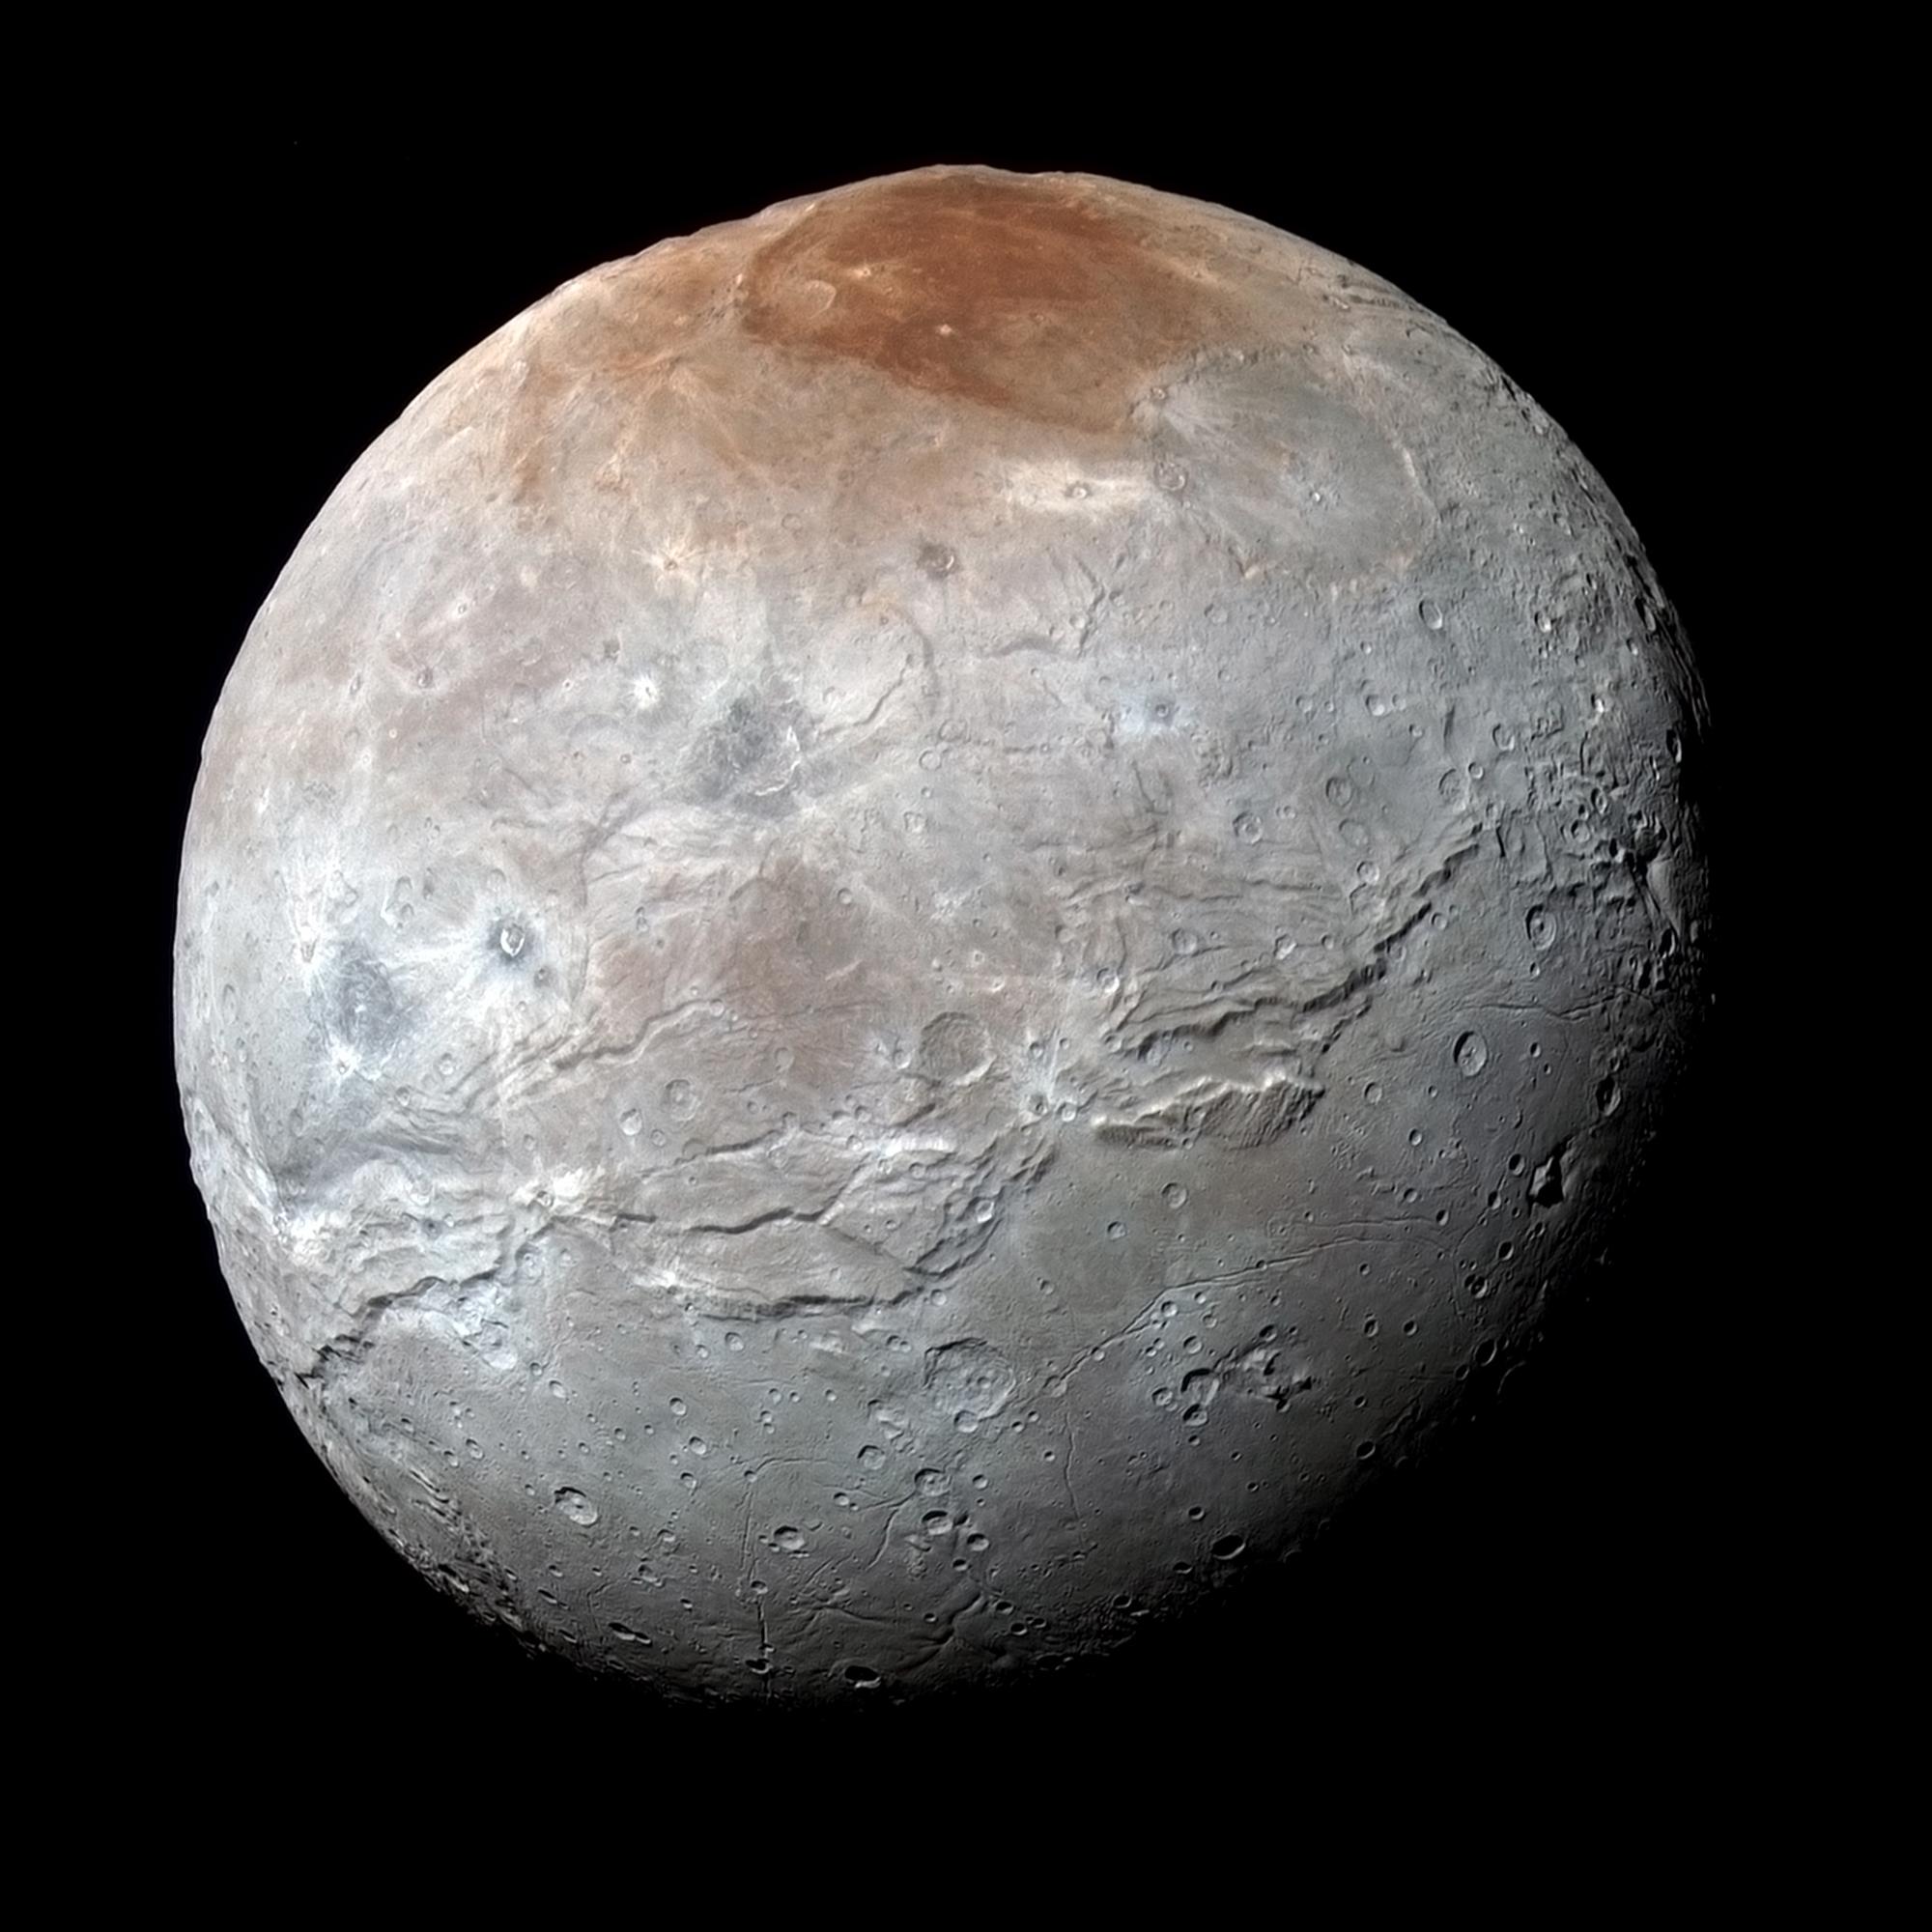 La nave New Horizons de NASA captó esta imagen de alta resolución en color realzado de la mayor luna de Plutón, Caronte. Los científicos han averiguado que el material rojizo de la región polar norte (llamada informalmente Mordor Macula) es metano procesado químicamente que escapó de la atmósfera de Plutón y llegó a Caronte. Crédito: NASA/JHUAPL/SwRI.